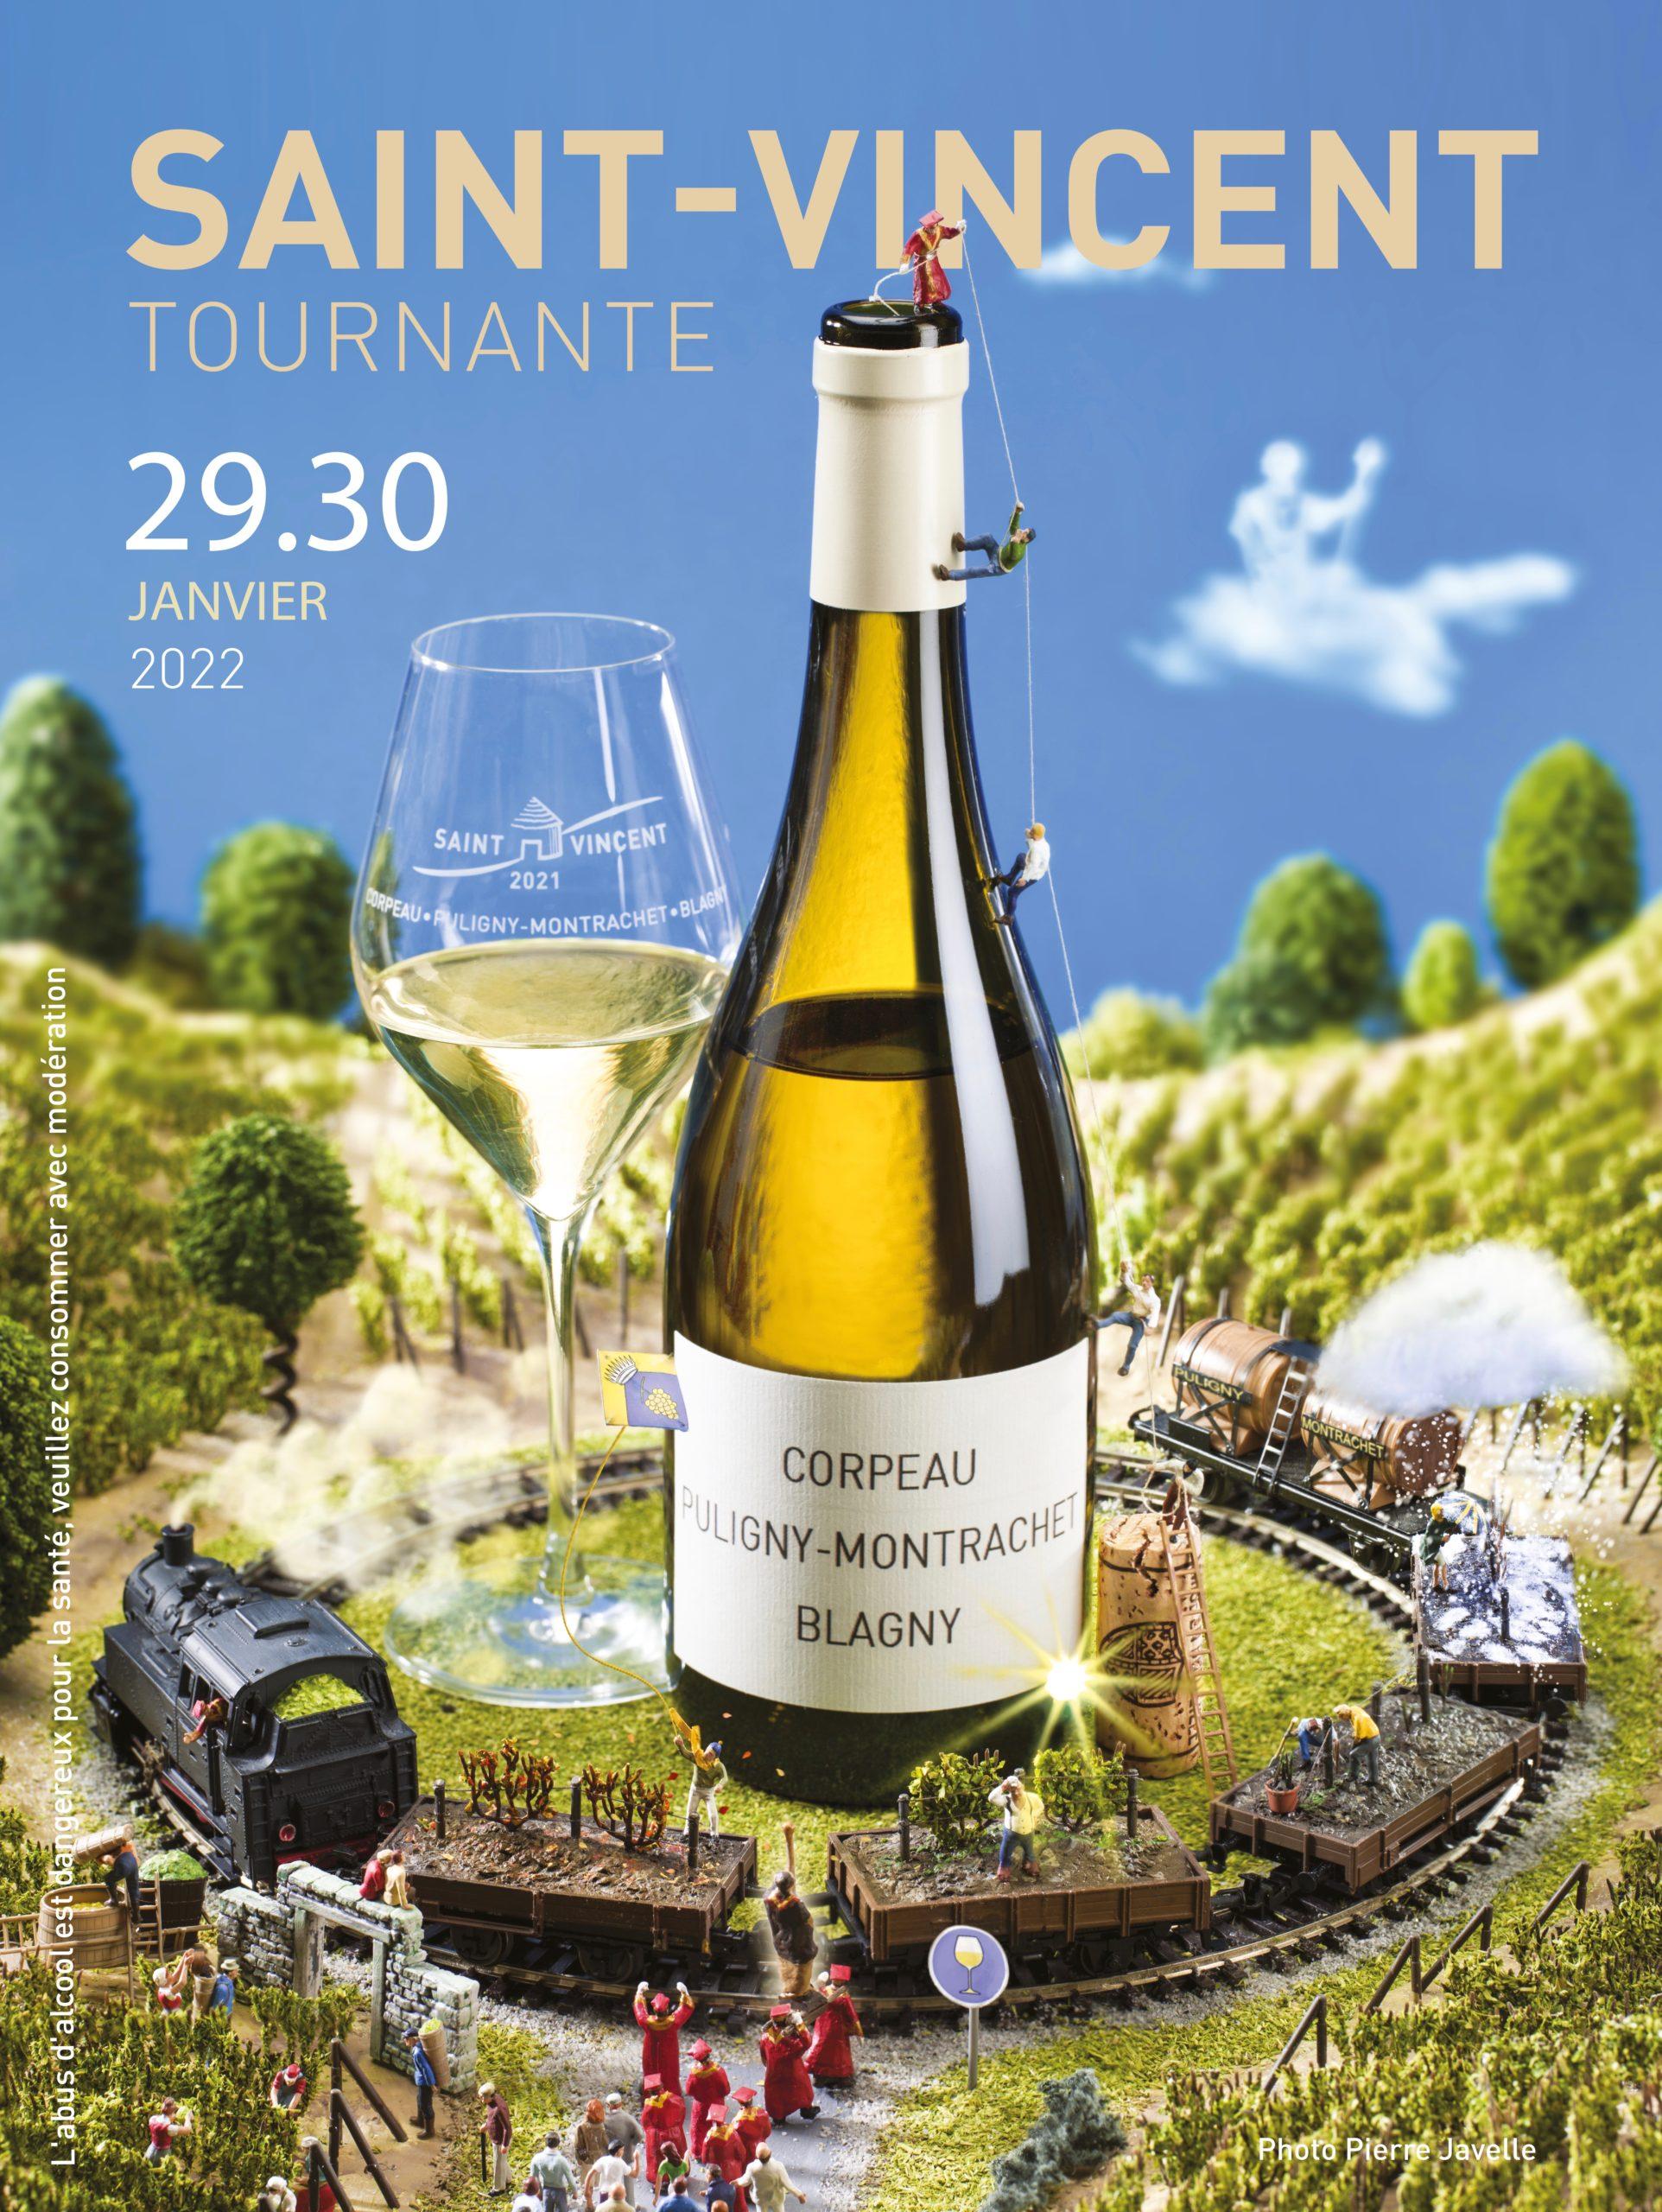 Saint Vincent Tournante 2021 - Pierre Javelle, -  Bourguignon, bénévole et original !